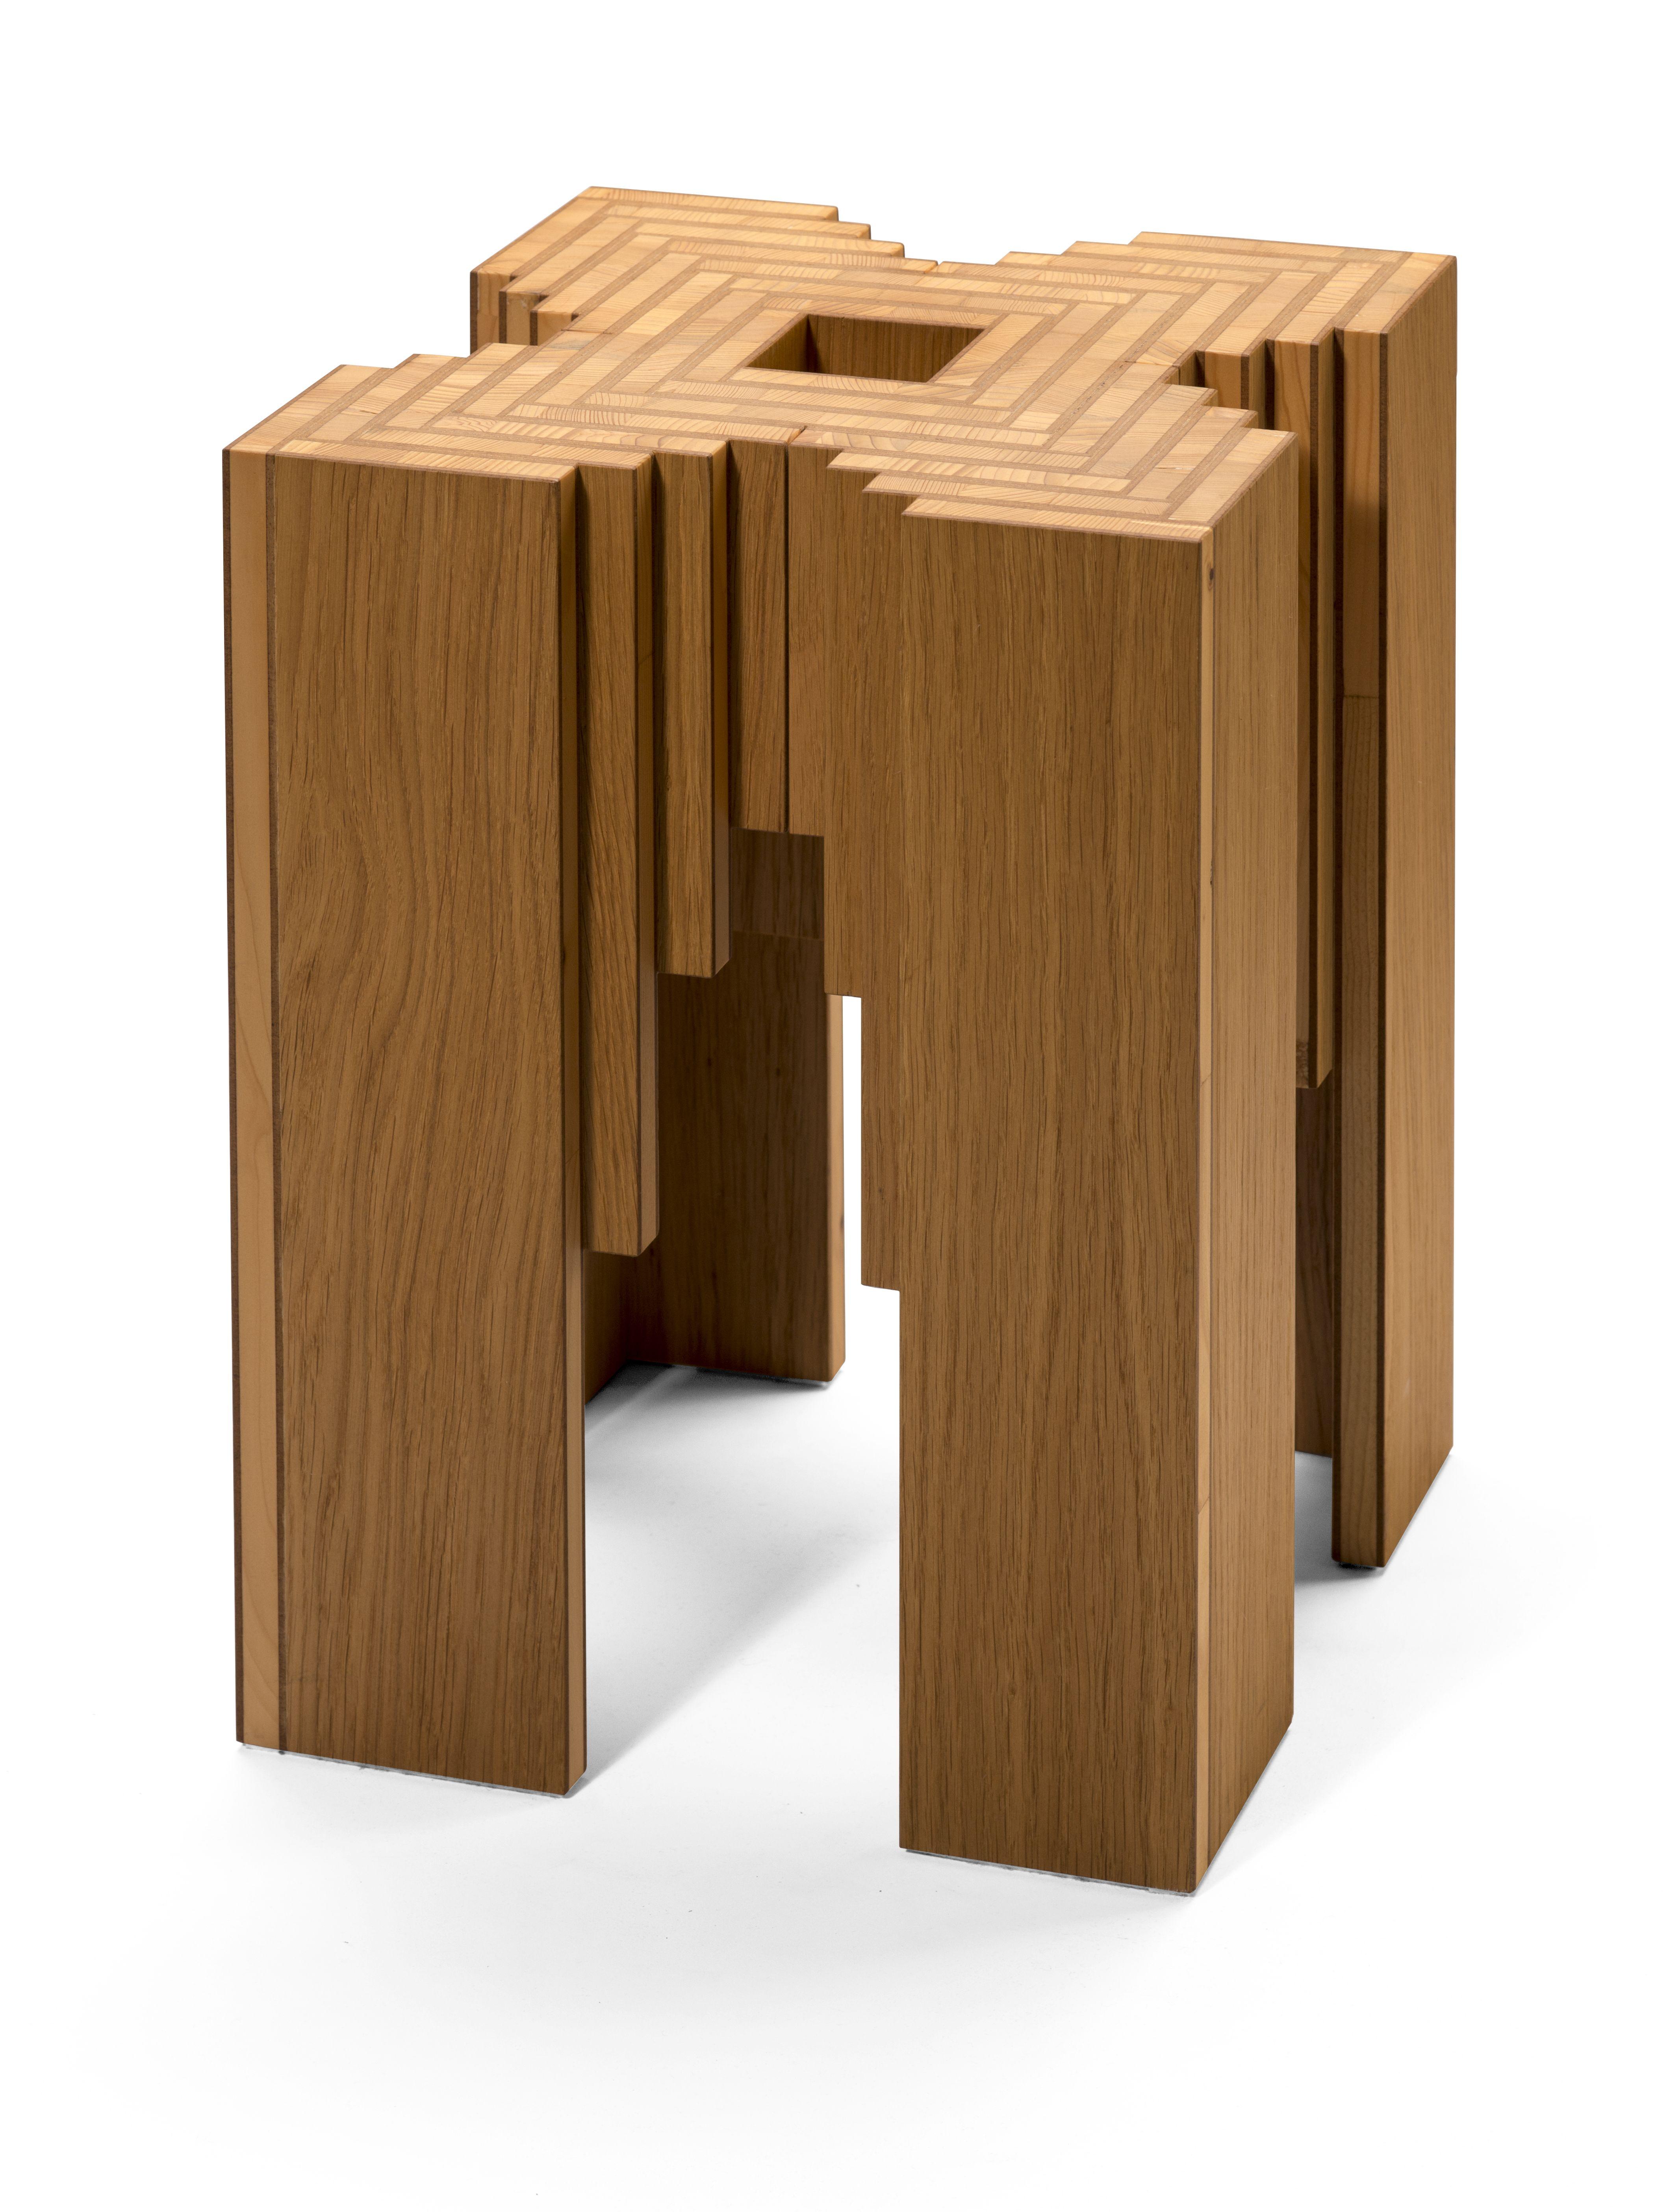 Tisch beistelltisch fischgr te design orterfinder for Tisch design eiche